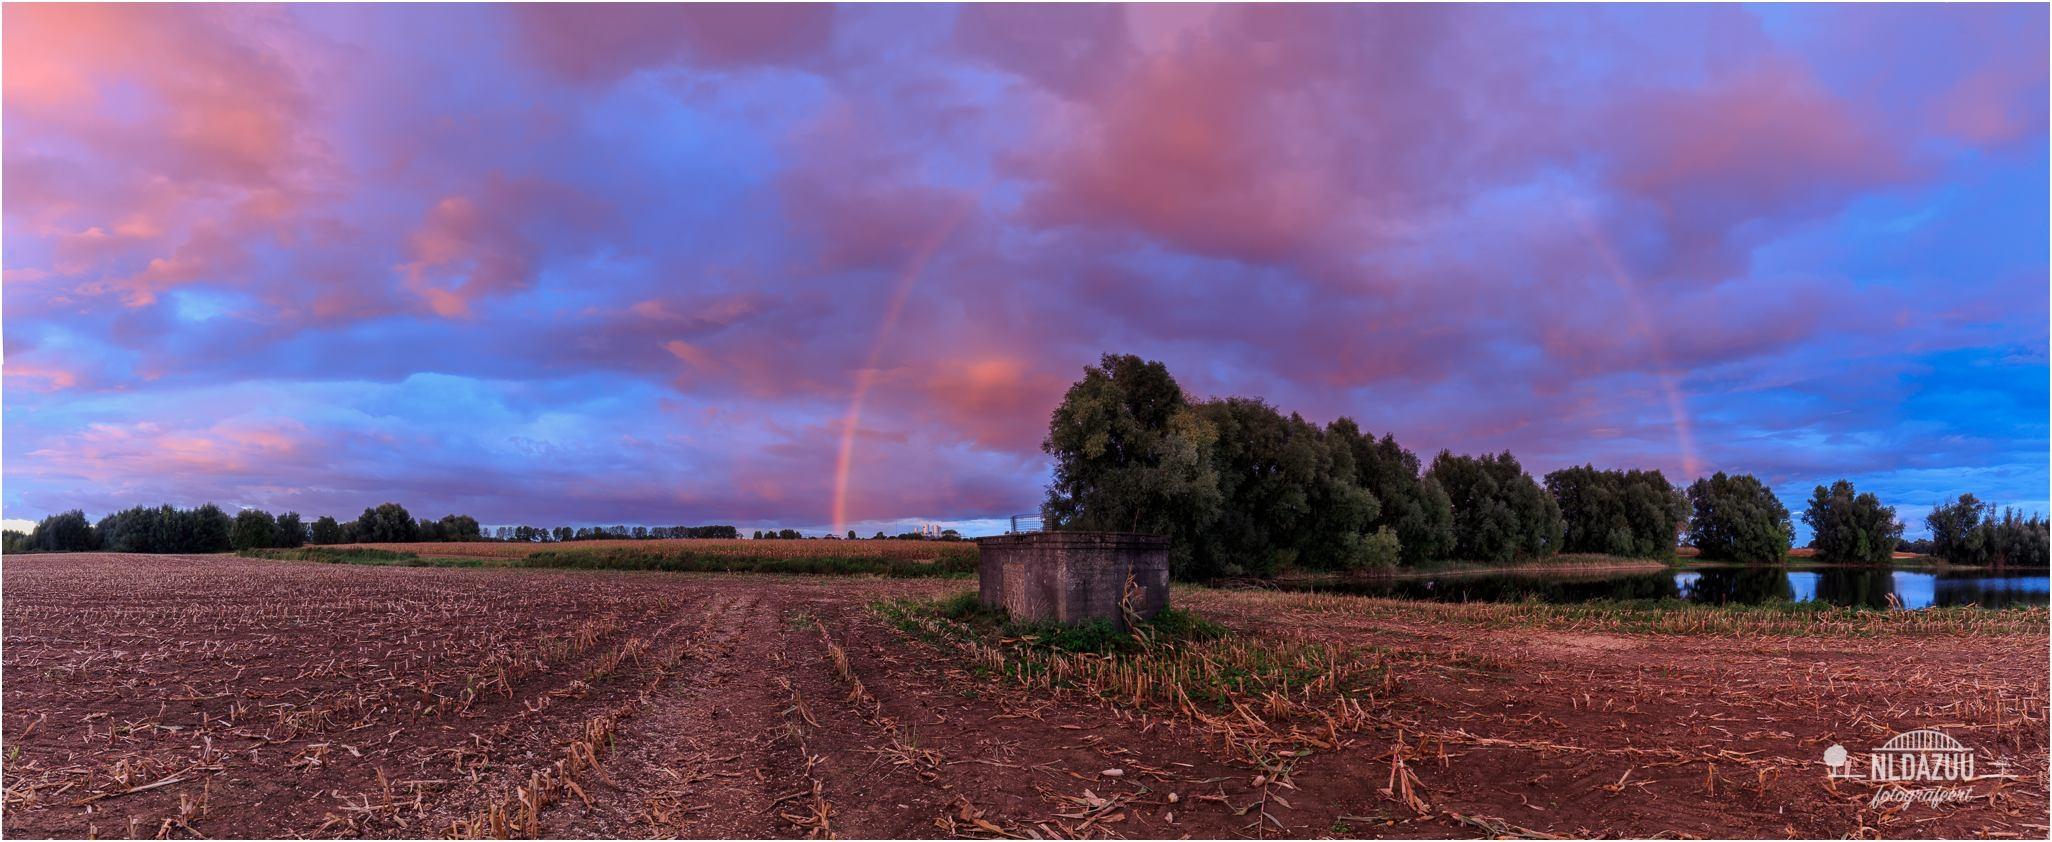 Regenboog in magisch kleurrijk schouwspel   Canon 16-35 mm. f/4 20 mm. f/8, ISO100 2,0 sec.